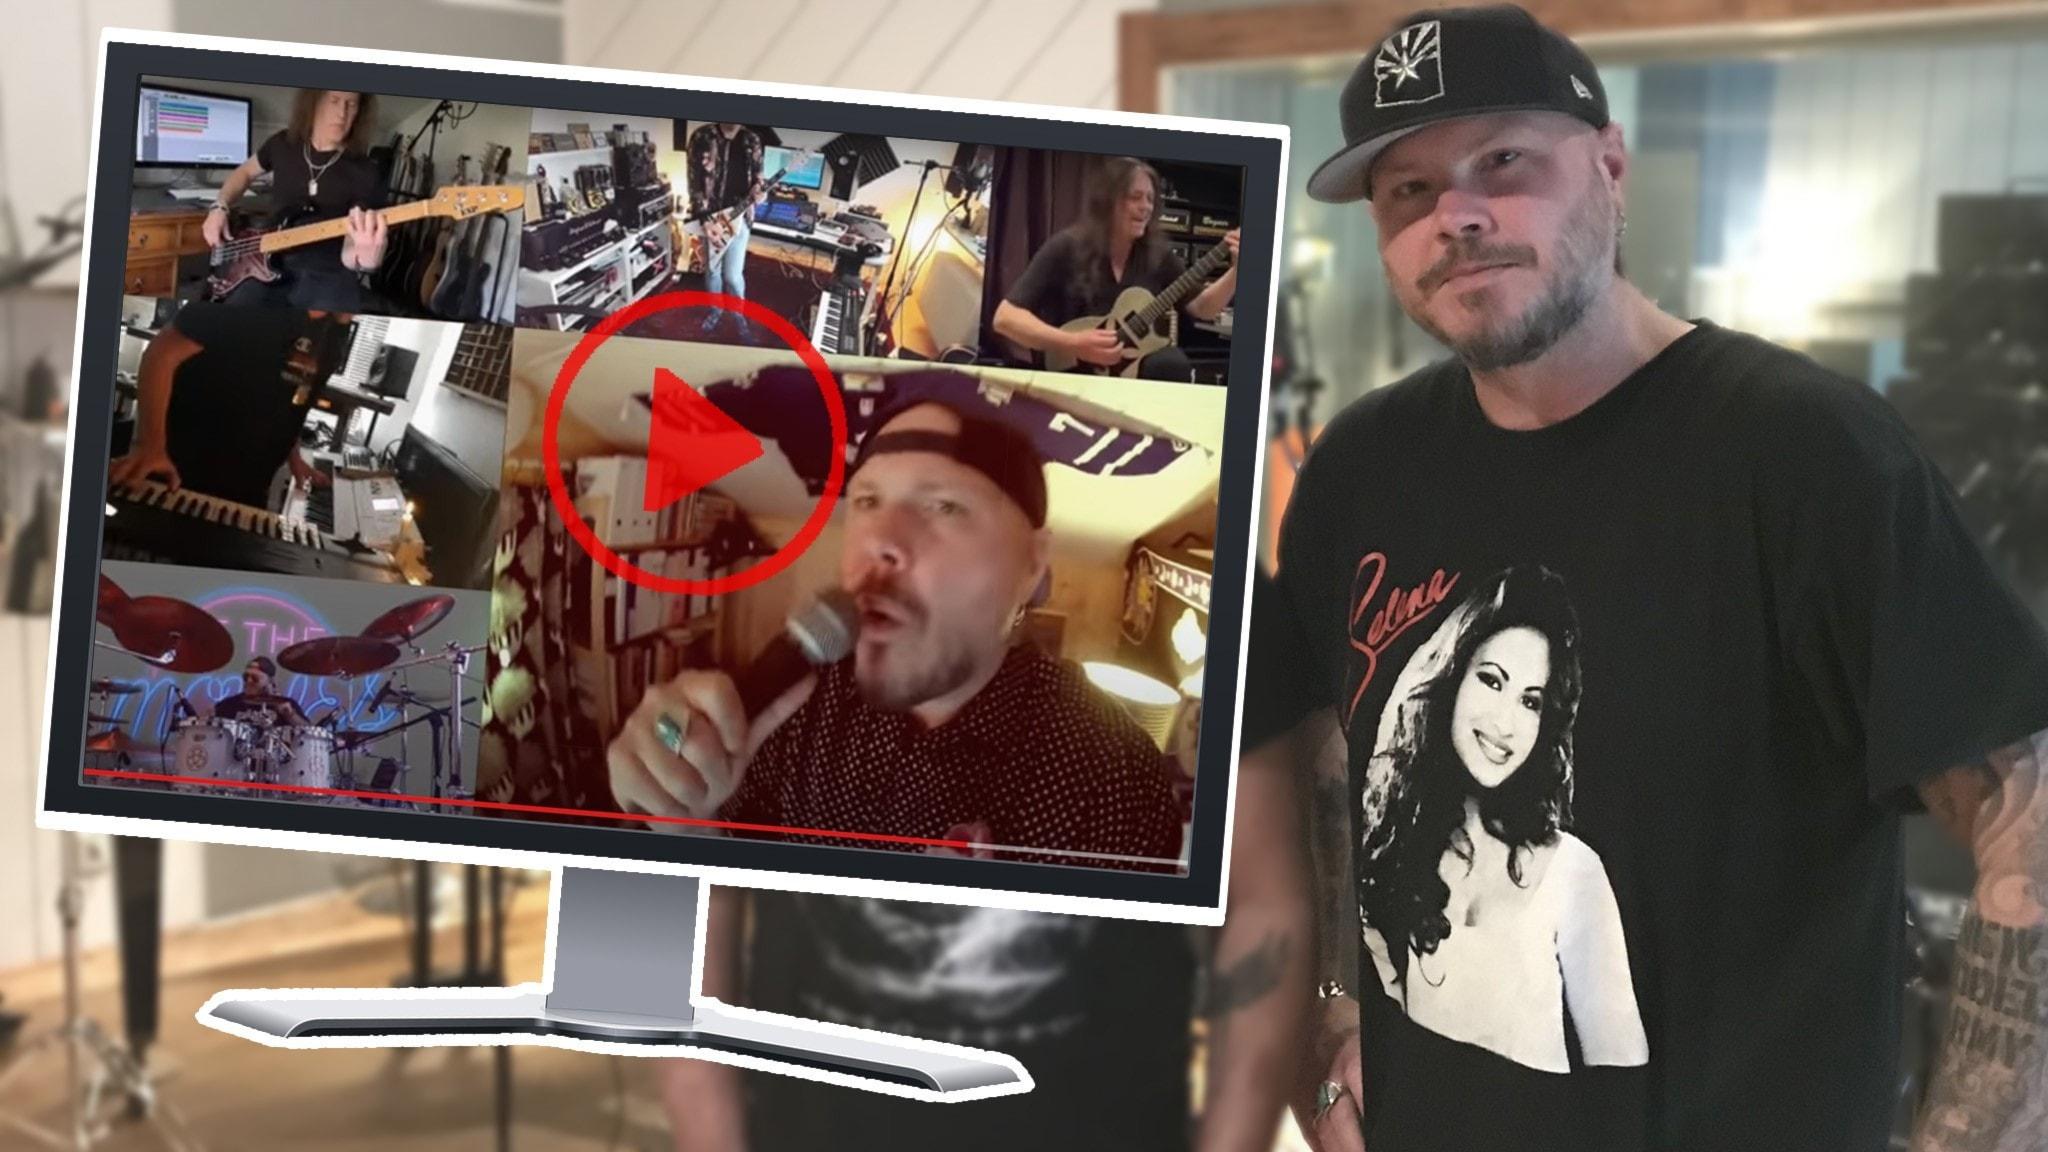 En skärm på en youtubefilm där flera personer spelar musik tillsammans, inklippt i en bild på en man med keps.